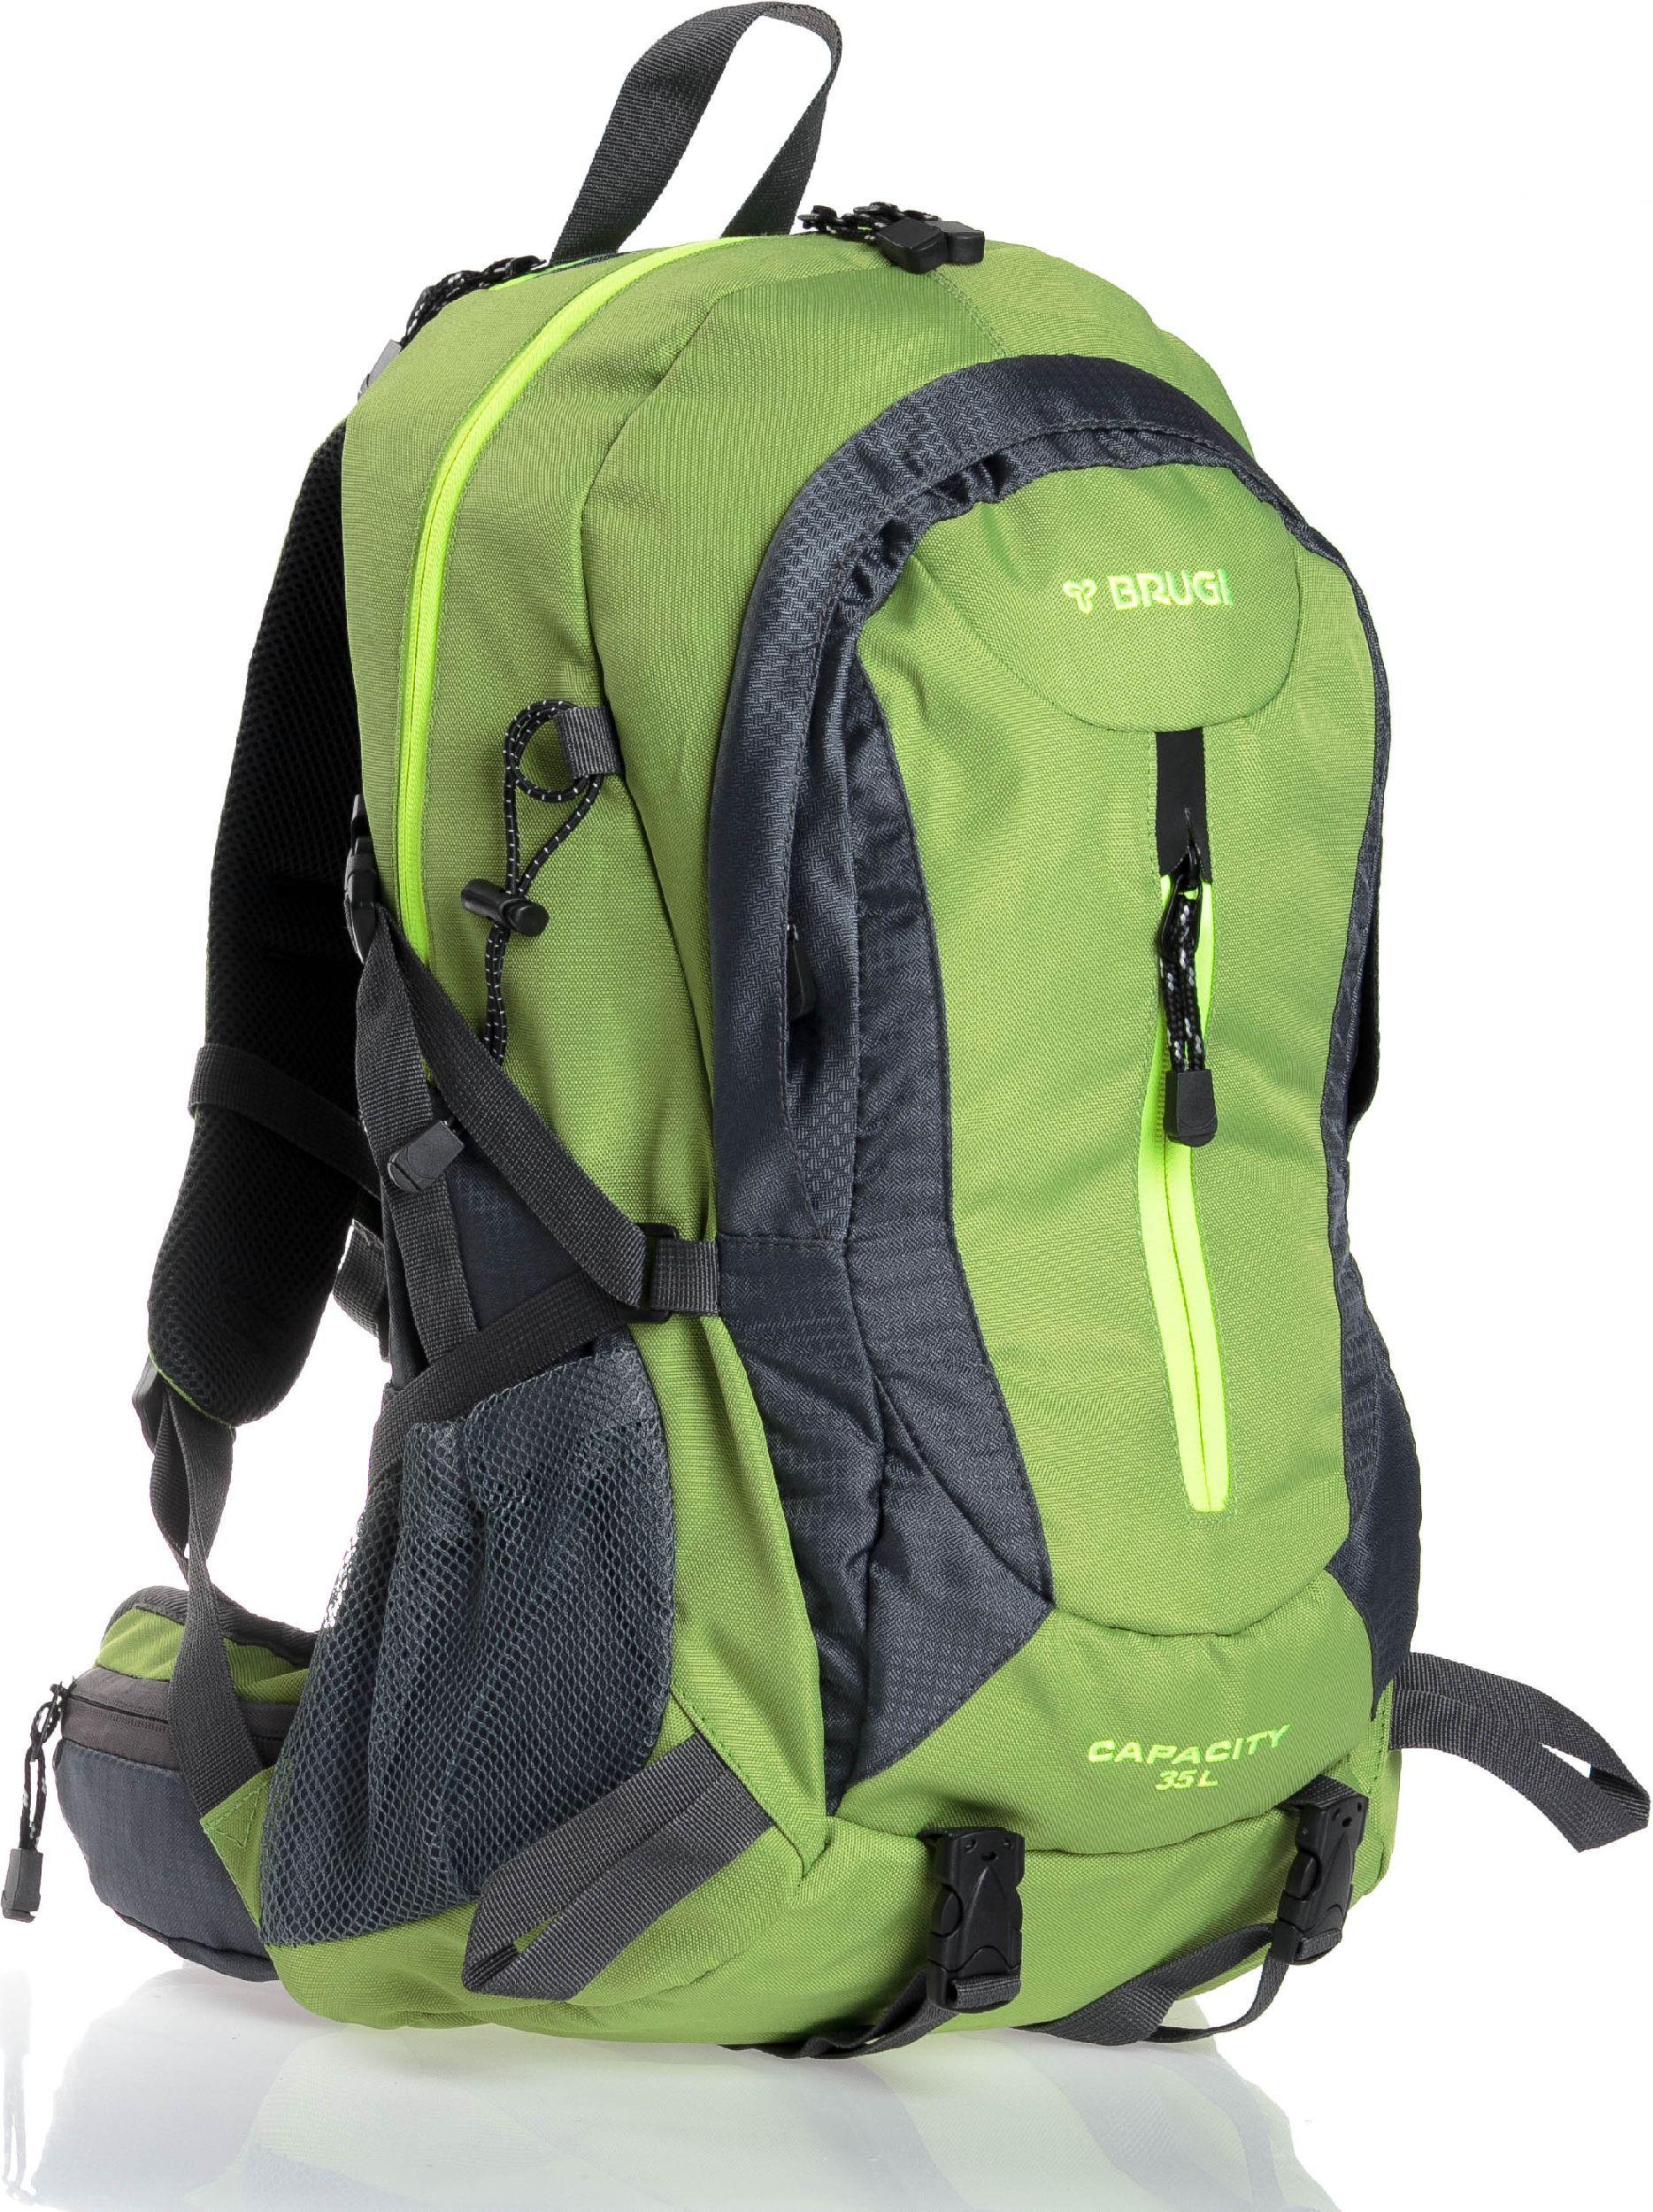 Brugi Plecak trekkingowy 4ZF7 SXT 35 Brugi zielony